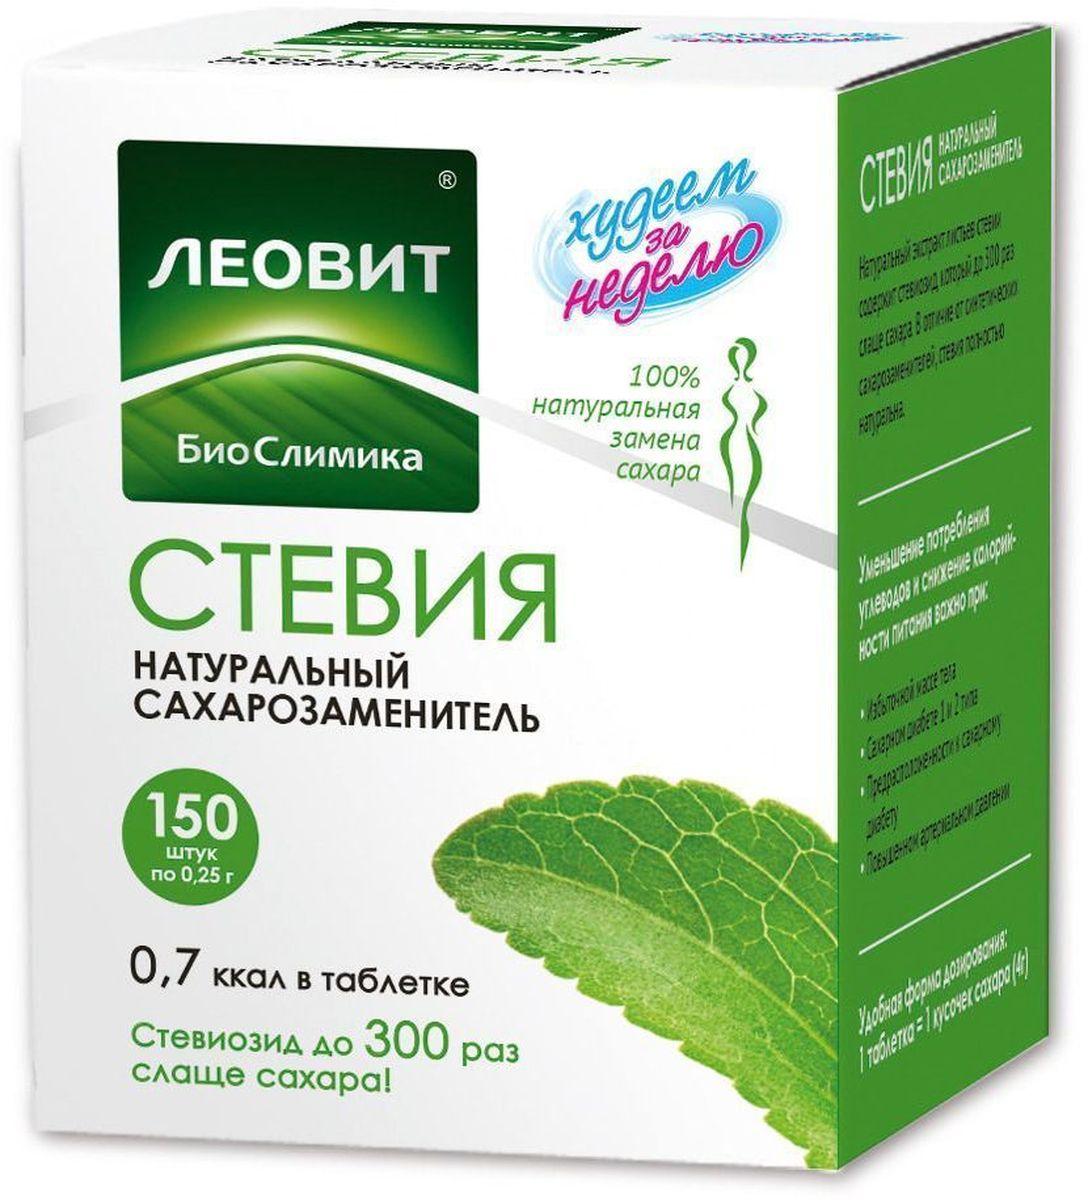 БиоСлимика Стевия Натуральный сахарозаменитель 150 таблеток, 37,5 г